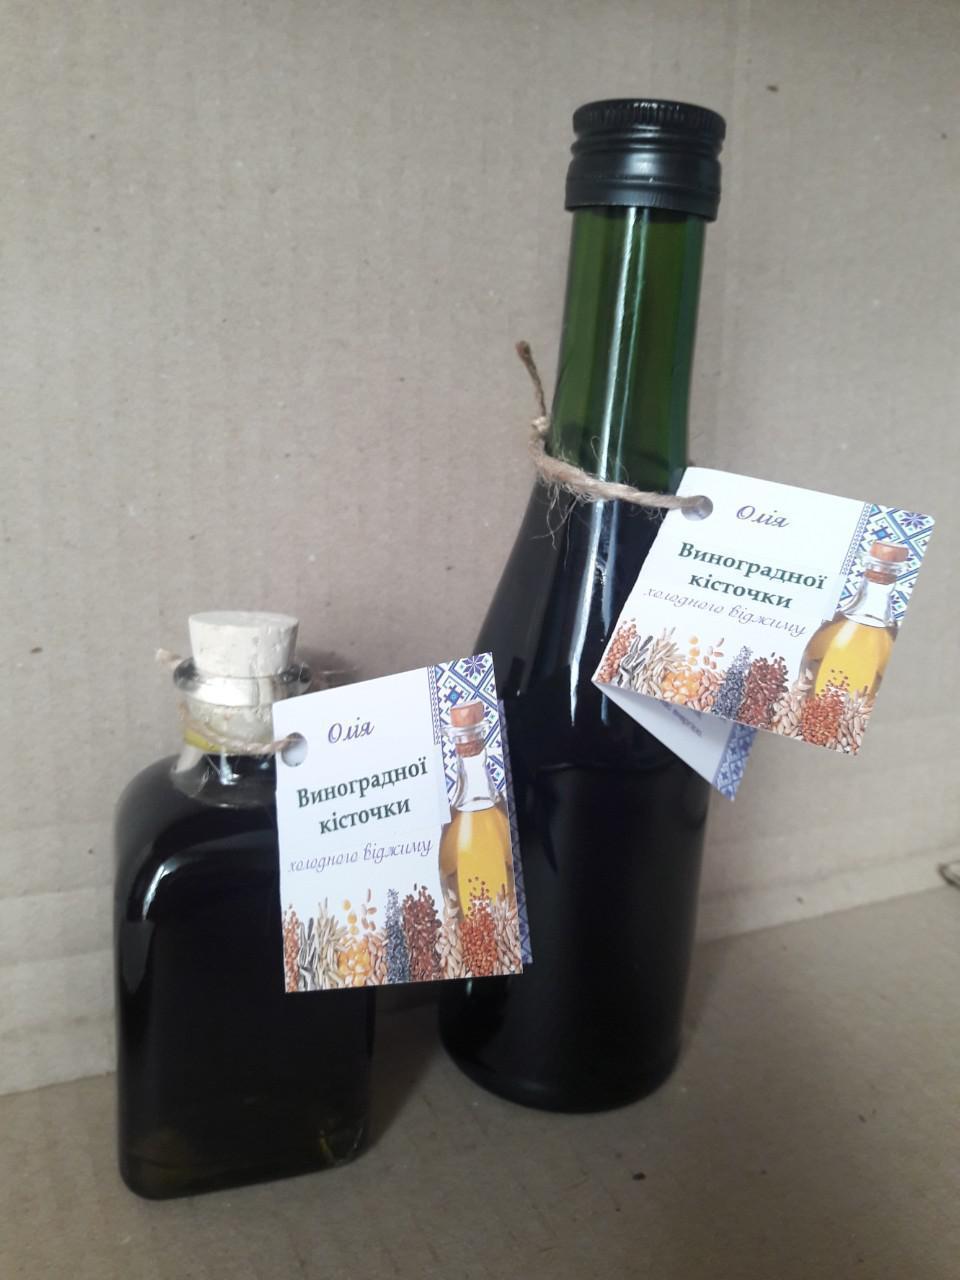 Олія виноградної кісточки 200 мл